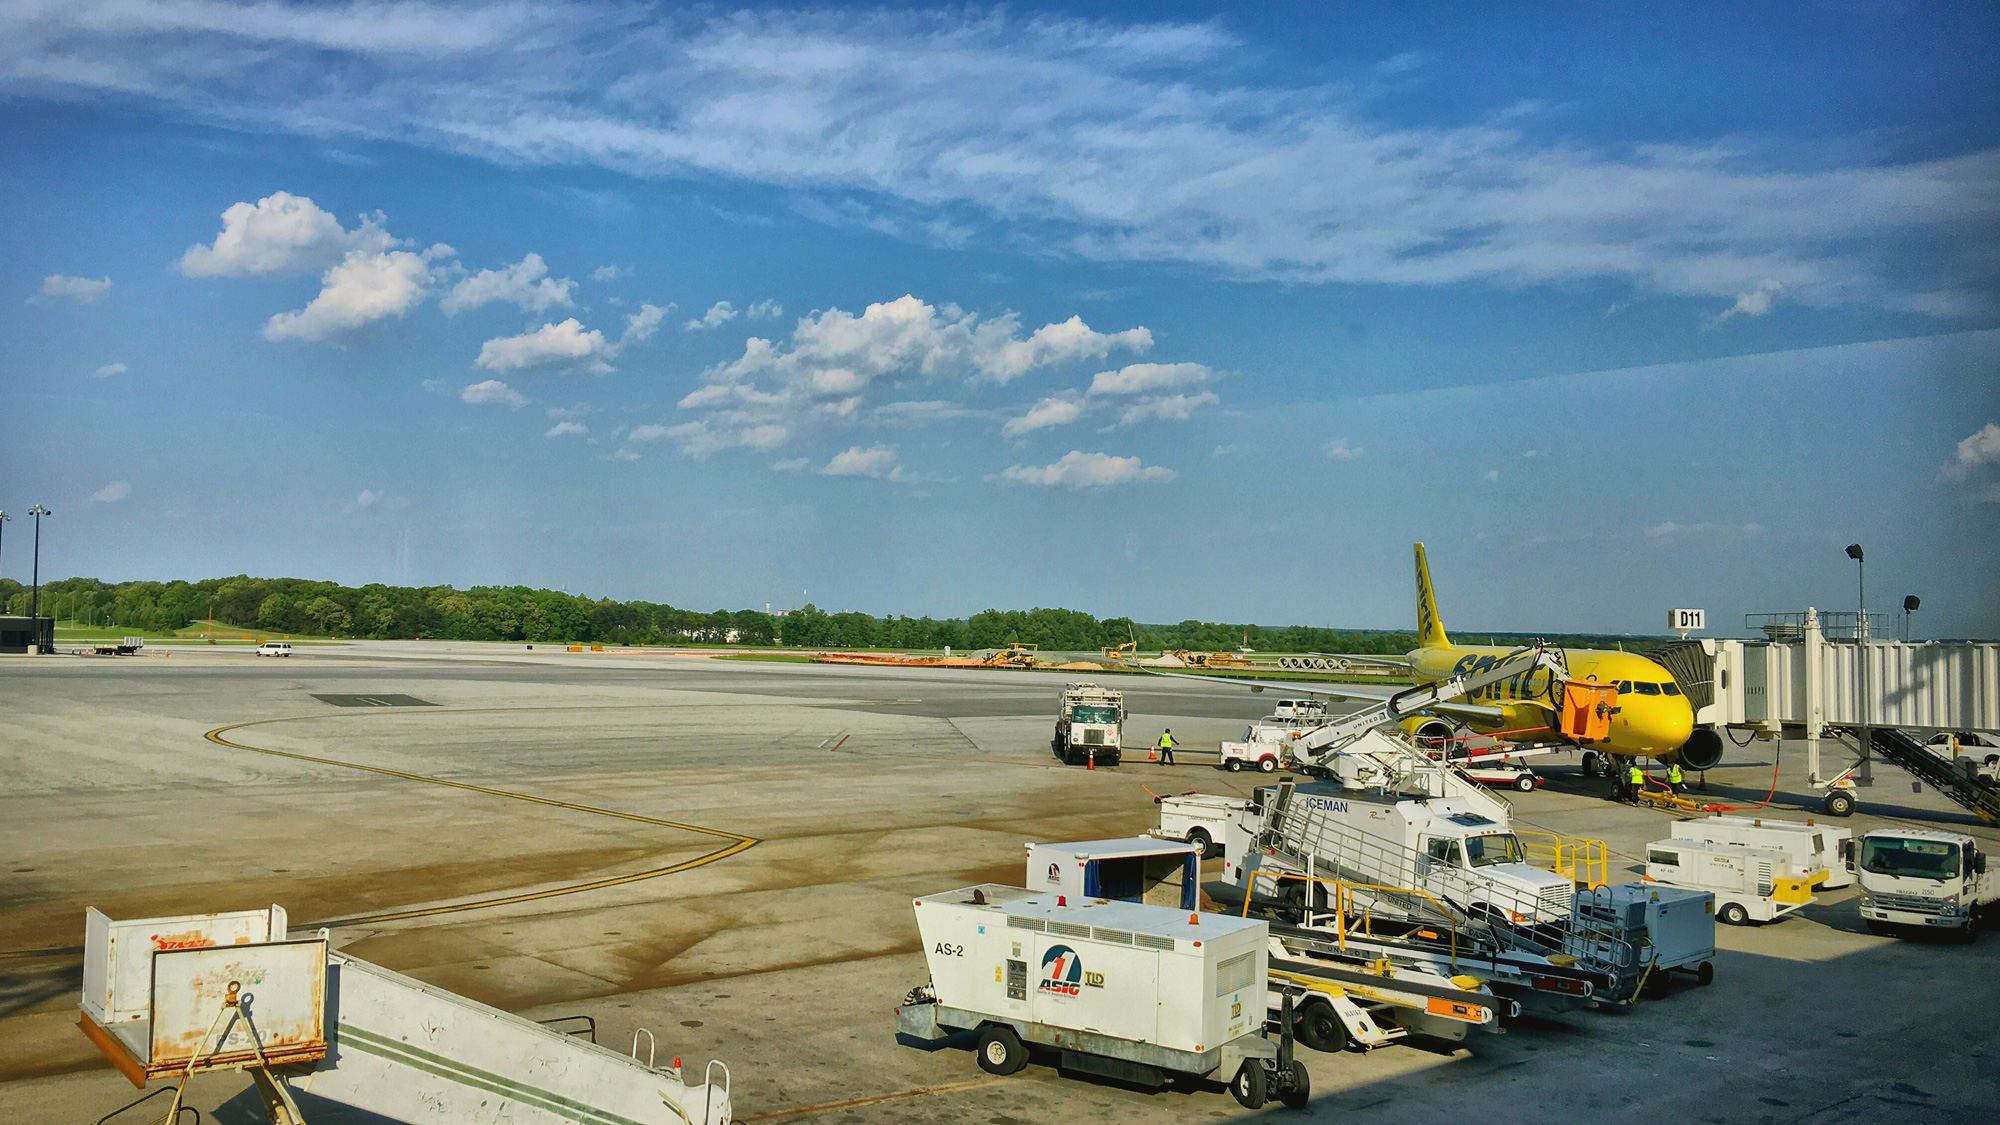 巴尔迪莫机场